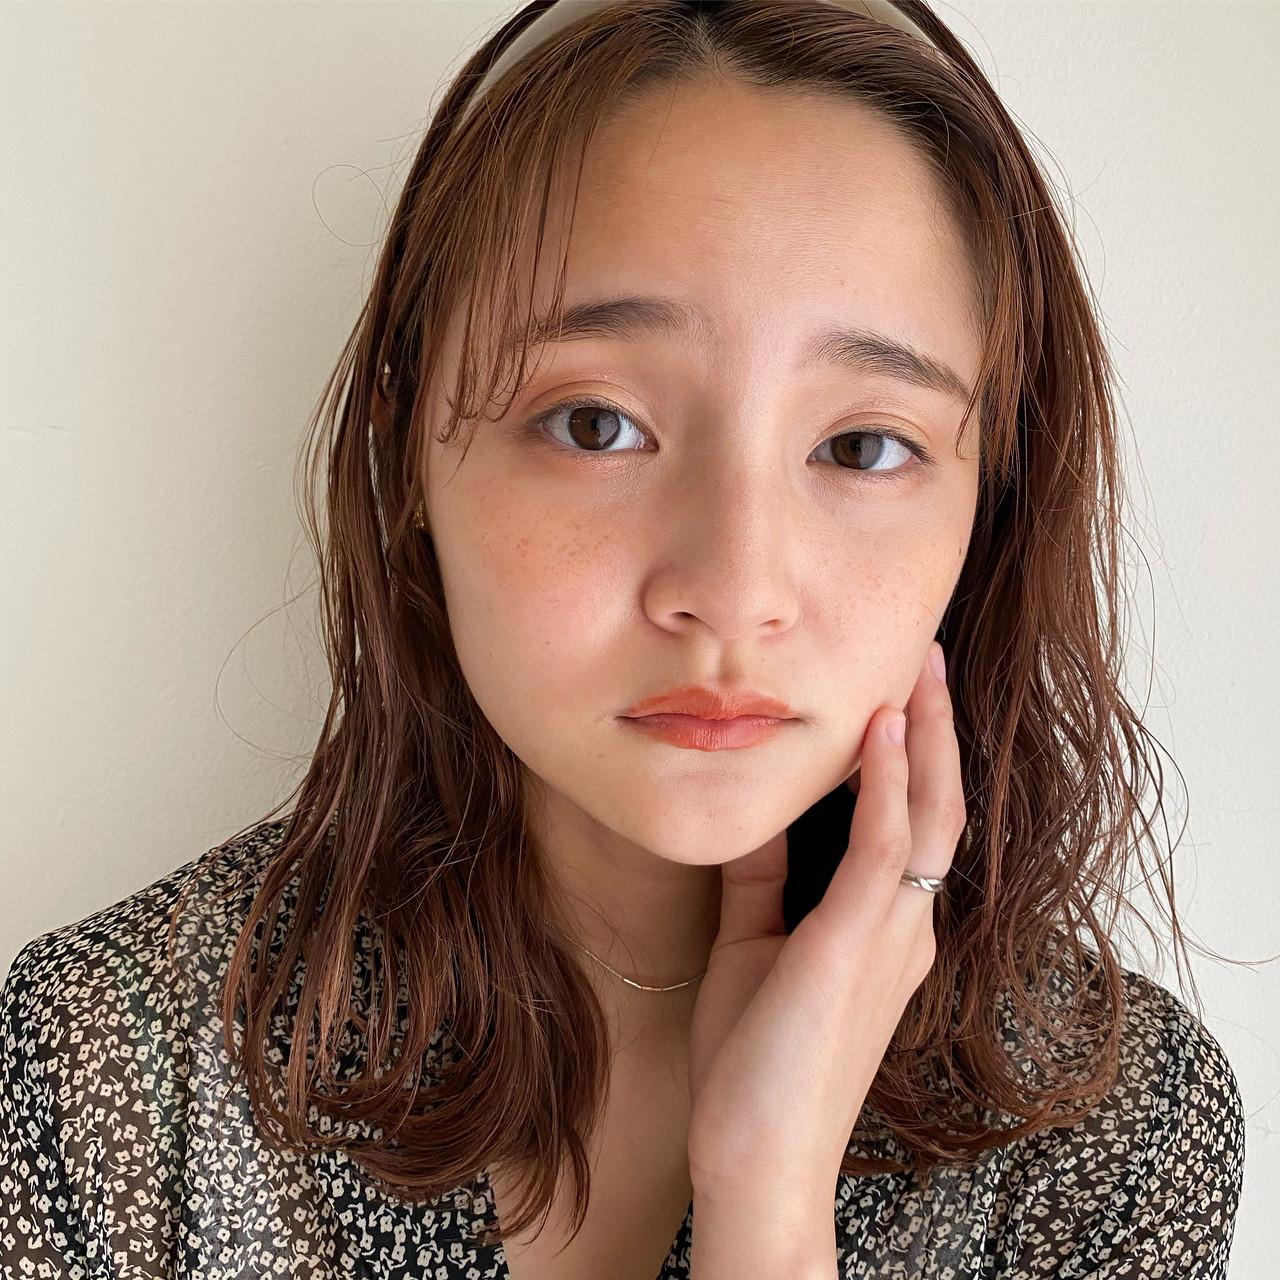 ミディアム ゆるふわパーマ ニュアンスパーマ カチューシャ ヘアスタイルや髪型の写真・画像